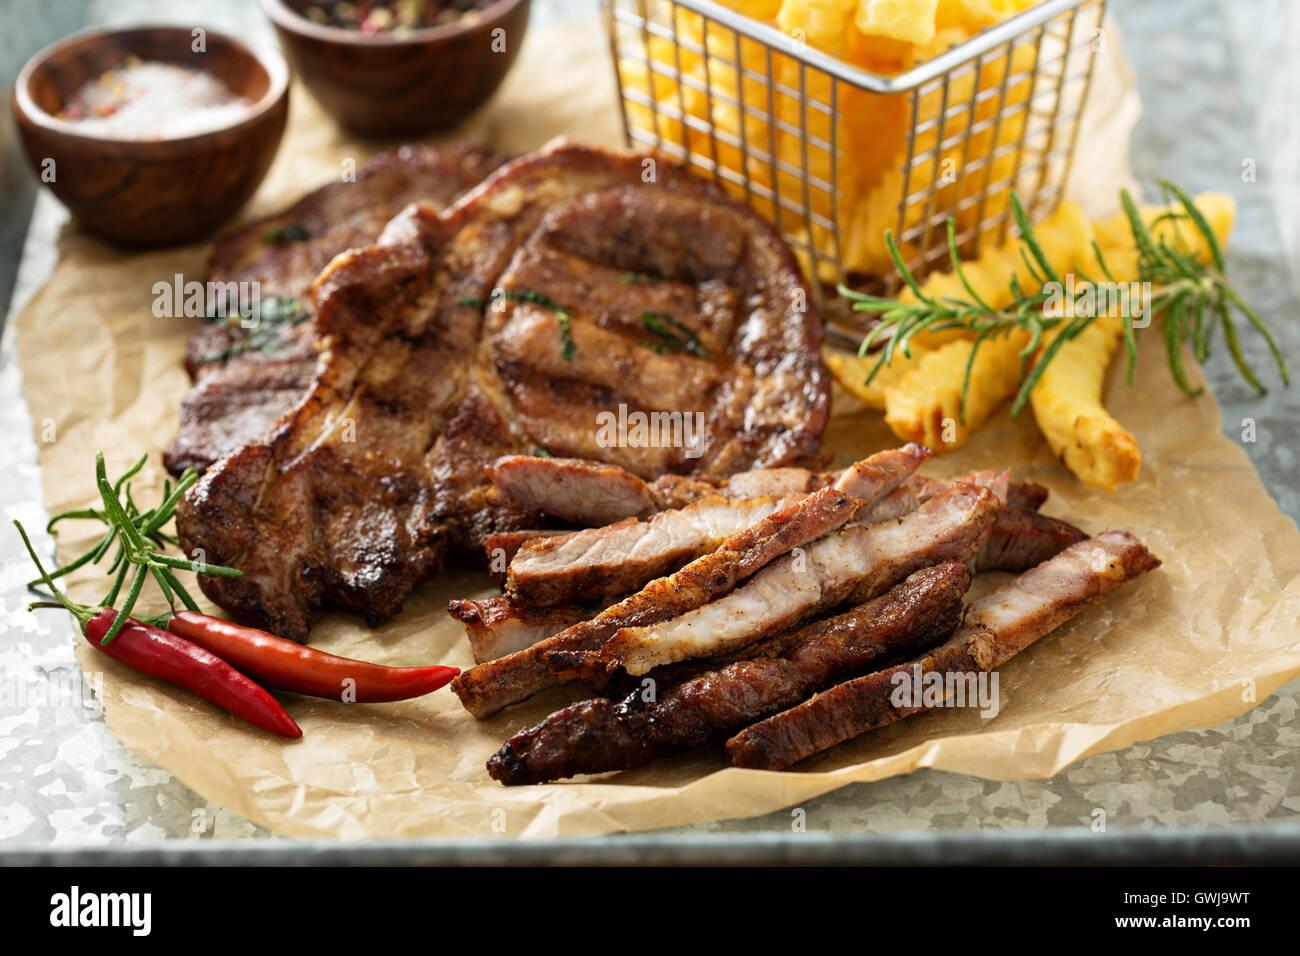 Porc grillé avec frites Photo Stock